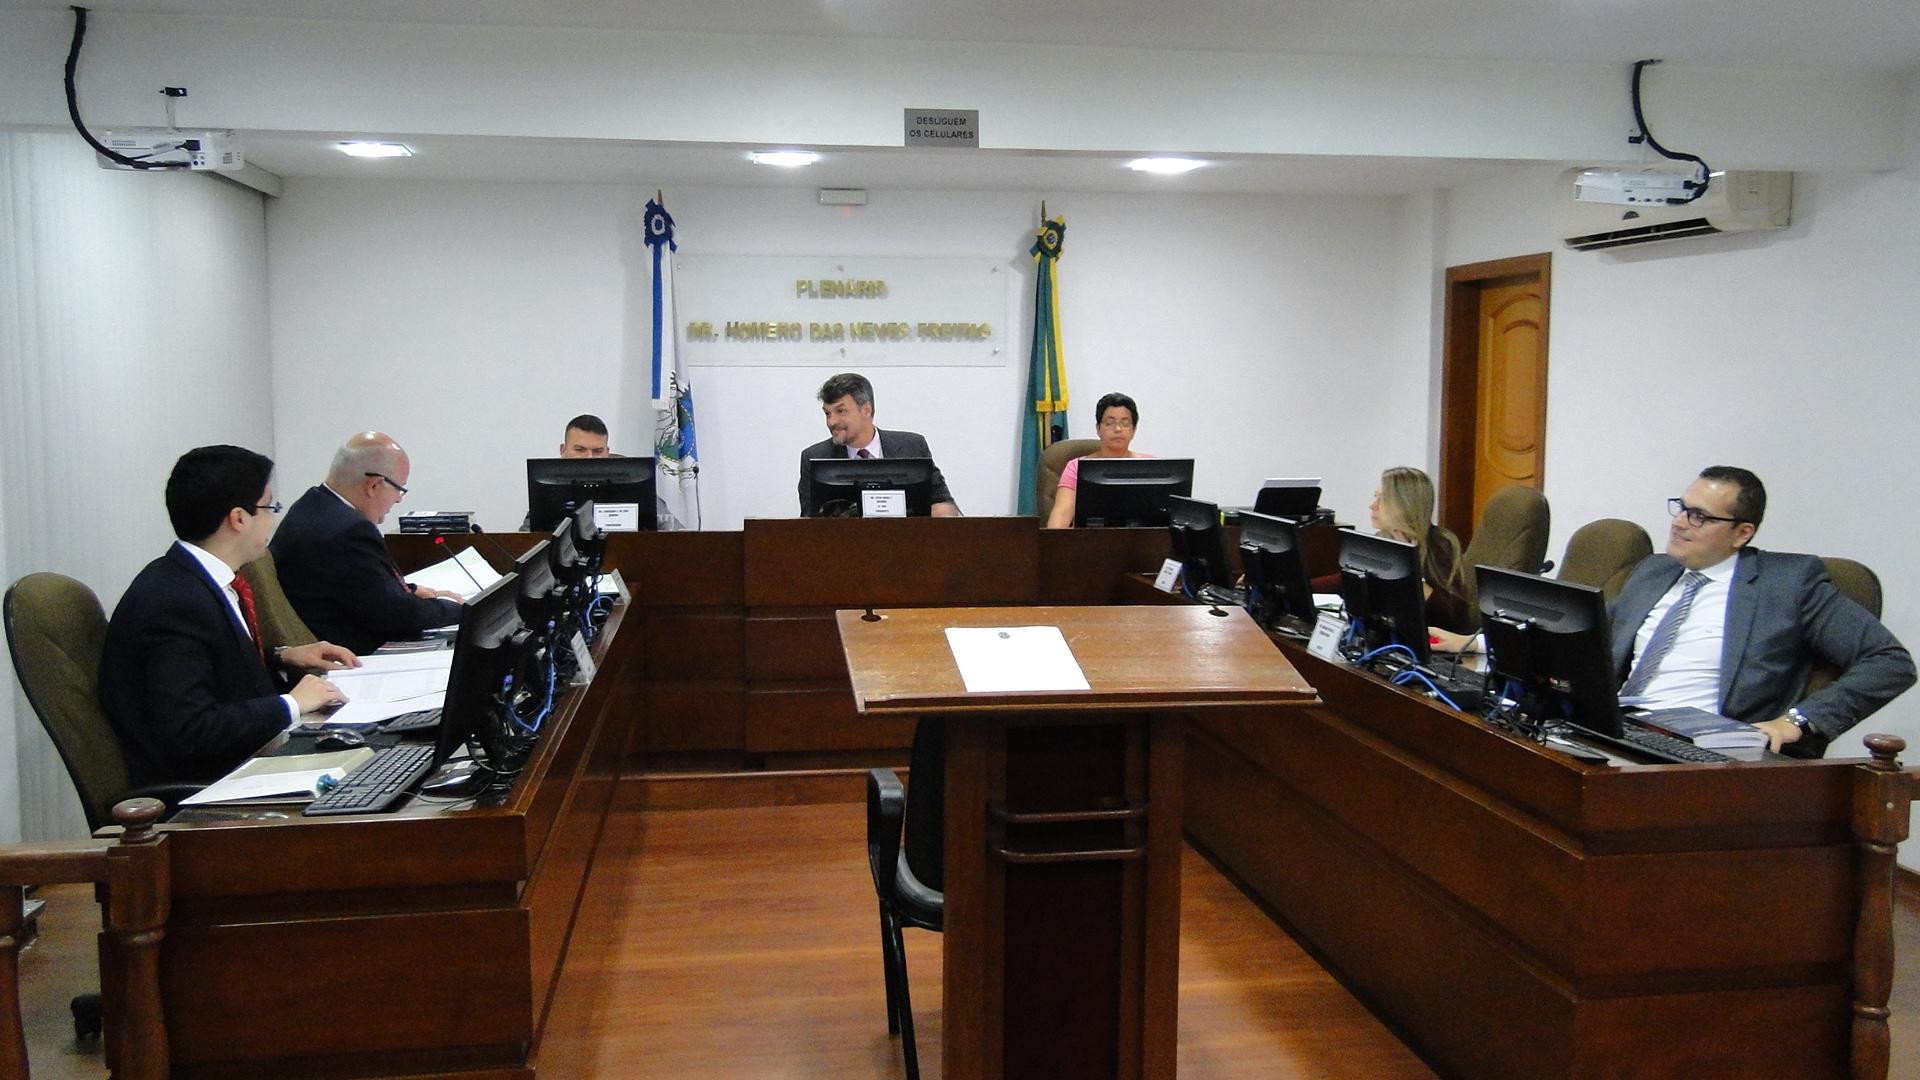 Sexta Comissão Disciplinar julga 10 processos